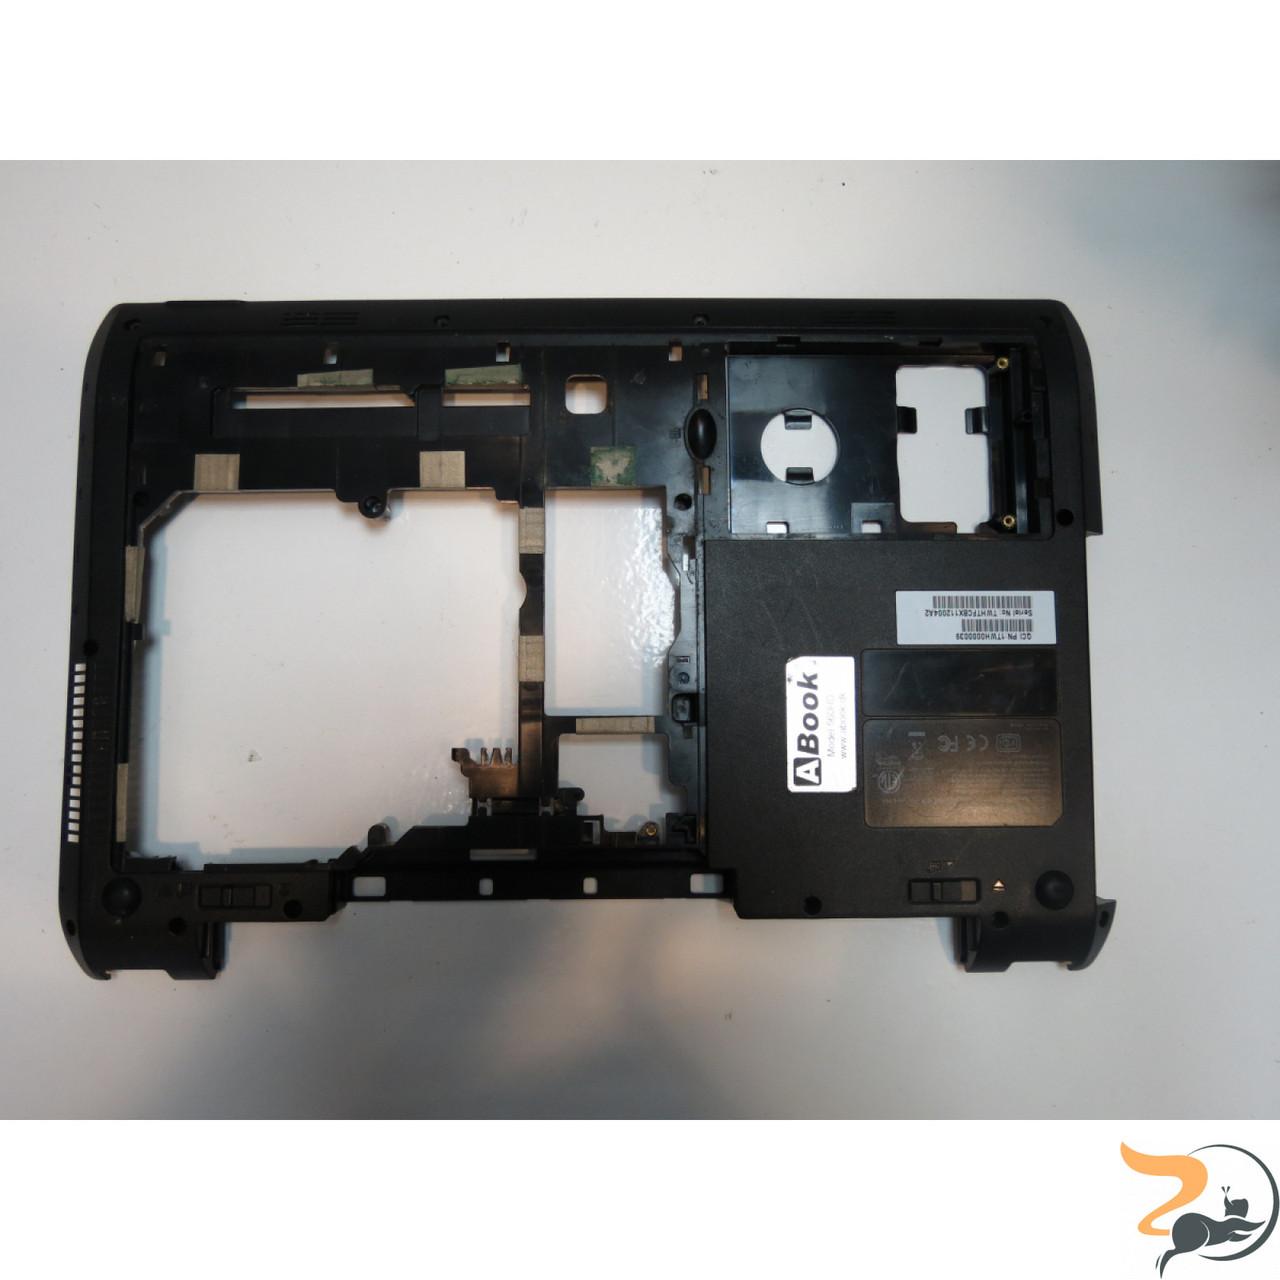 """Нижня частина корпуса для ноутбука Abook 560HD, TWH, 6930p, 36twhba0000, 15.6"""", Б/В."""